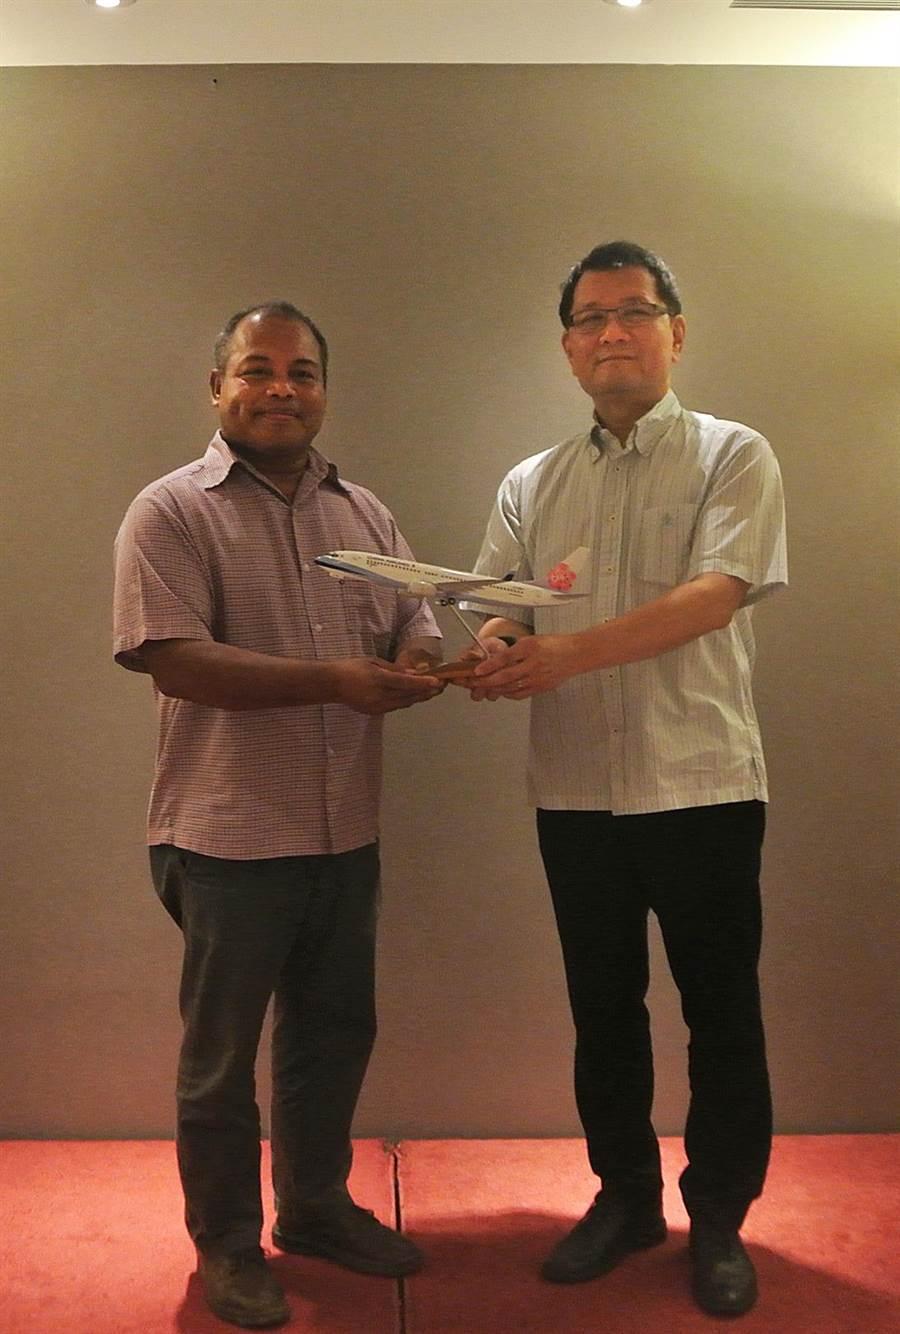 華航發言人劉朝洋副總經理致贈「紅梅揚姿」738模型飛機予帛琉副總統歐宜樓。圖:華航提供